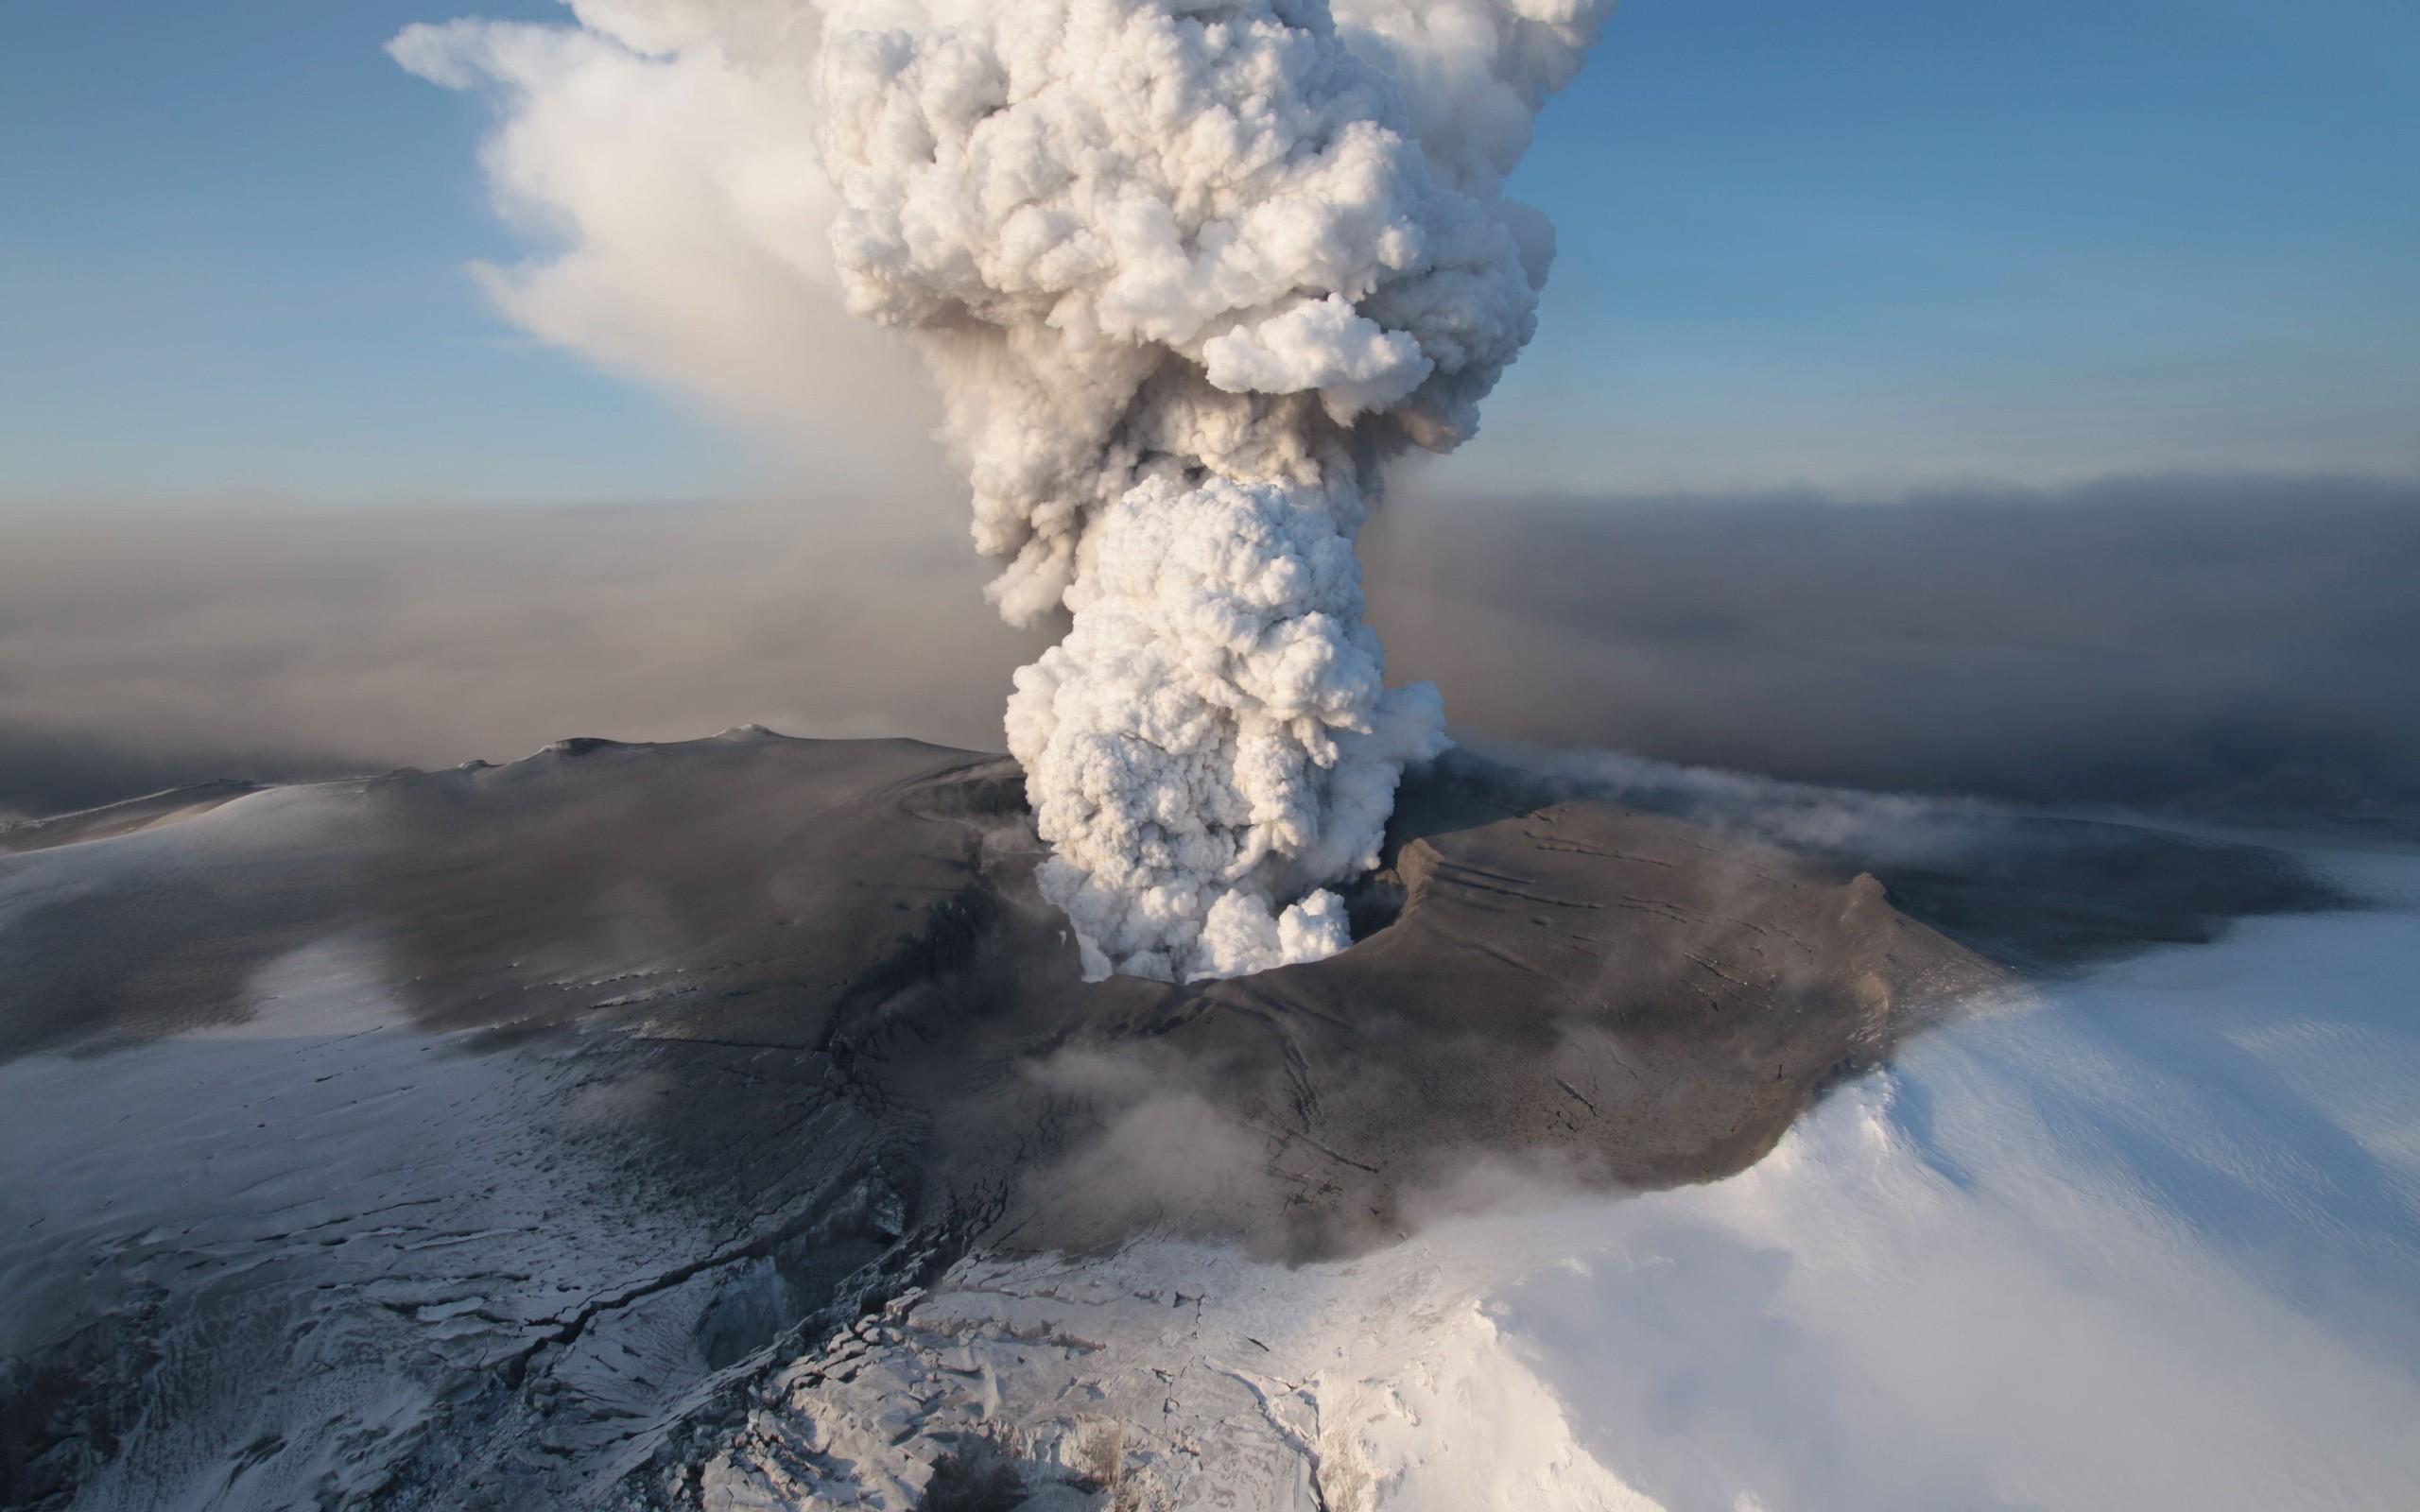 НаКамчатке вулкан Карымский выбросил 5-километровый столб пепла